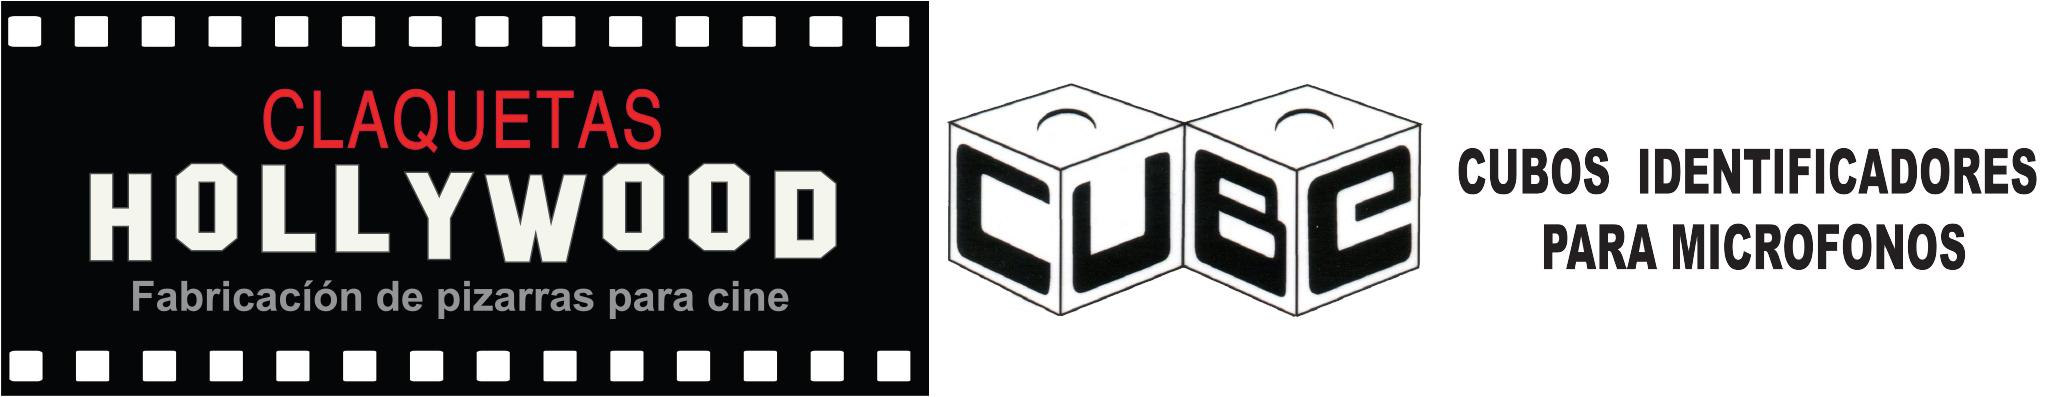 Claqueta / Cubos